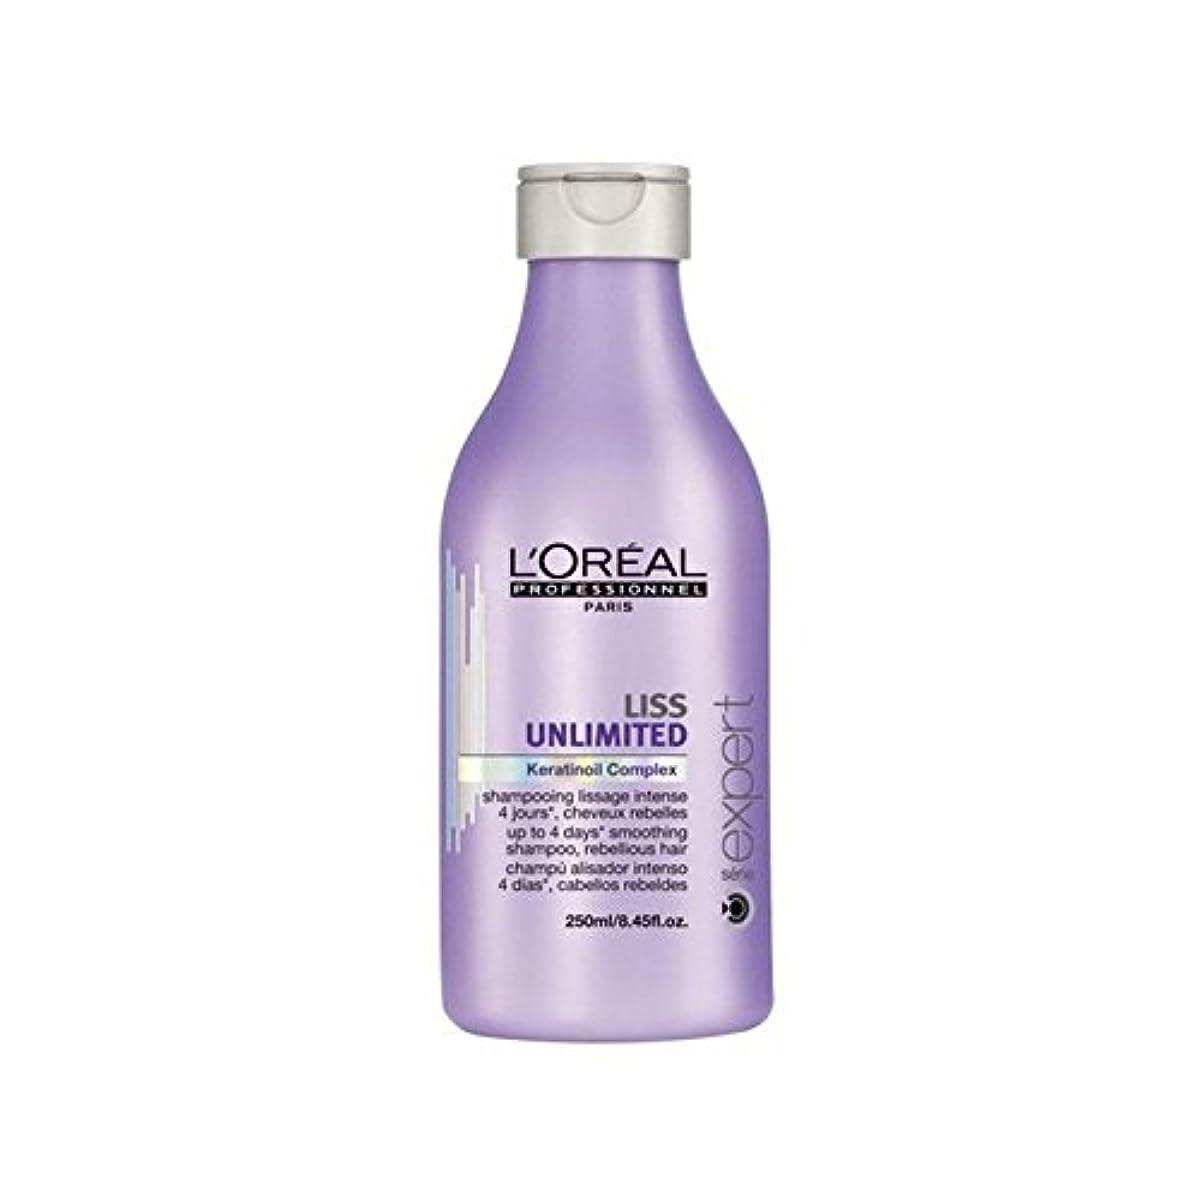 リスナー登る理容室ロレアルプロフェッショナルセリエ専門家無制限のシャンプー(250ミリリットル) x2 - L'Oreal Professionnel Serie Expert Liss Unlimited Shampoo (250ml) (Pack of 2) [並行輸入品]